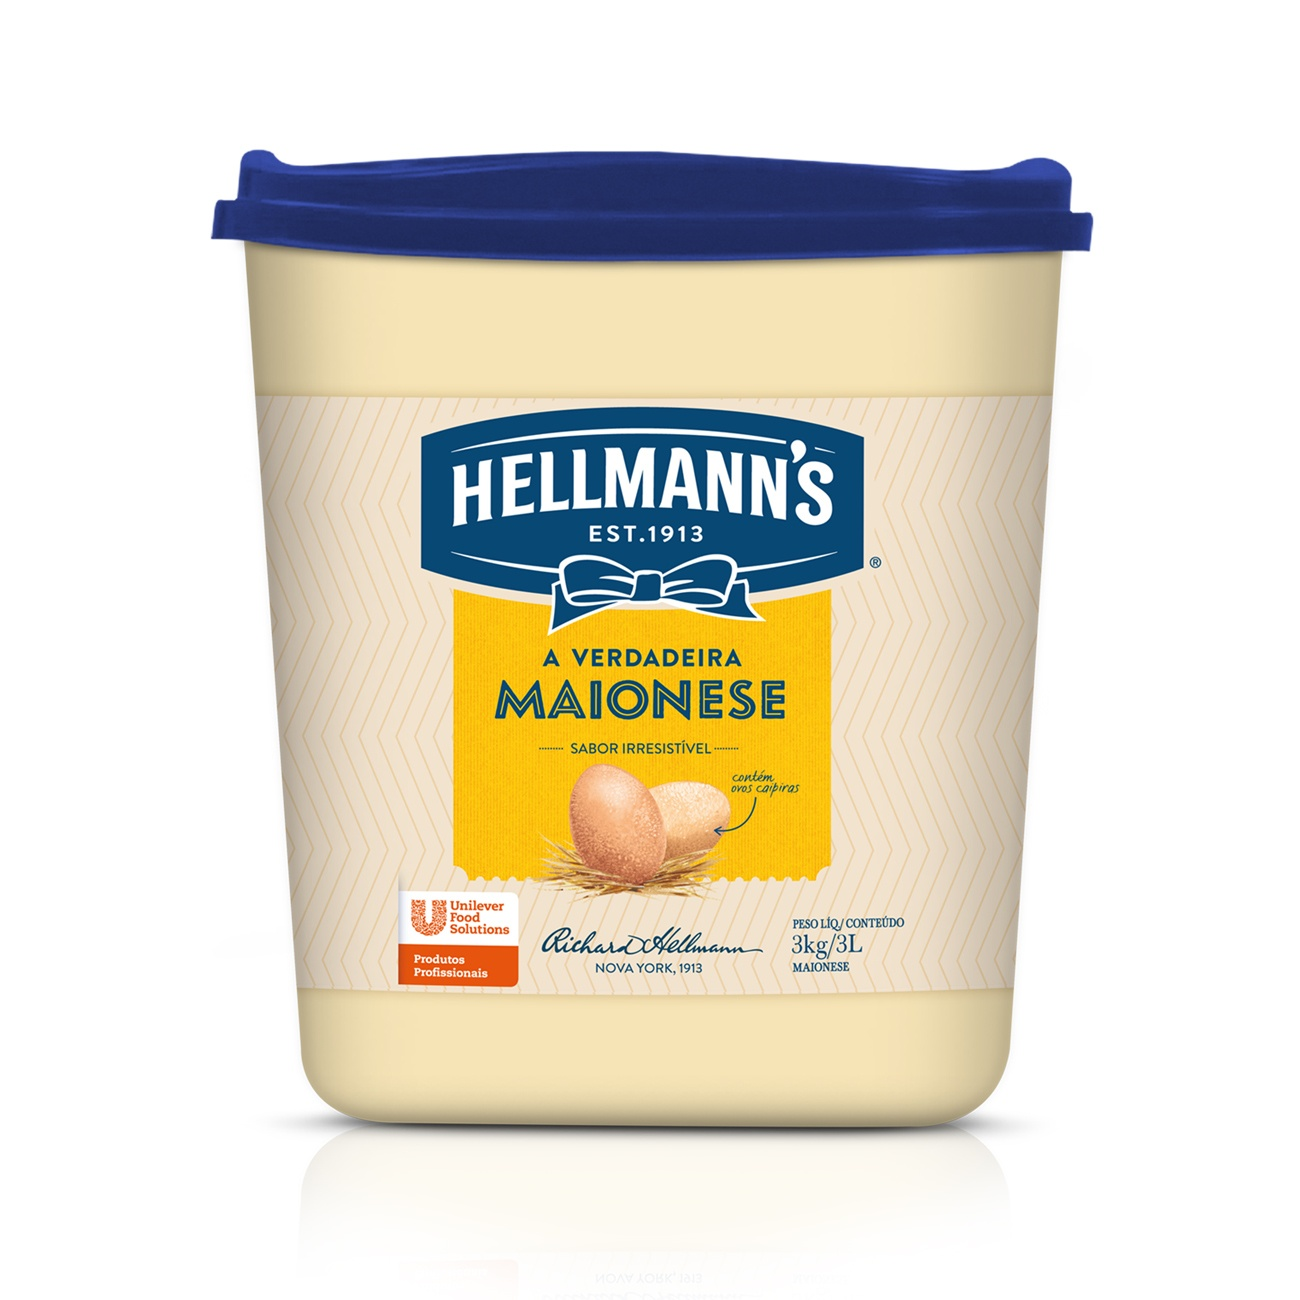 Maionese Hellmanns 3kg